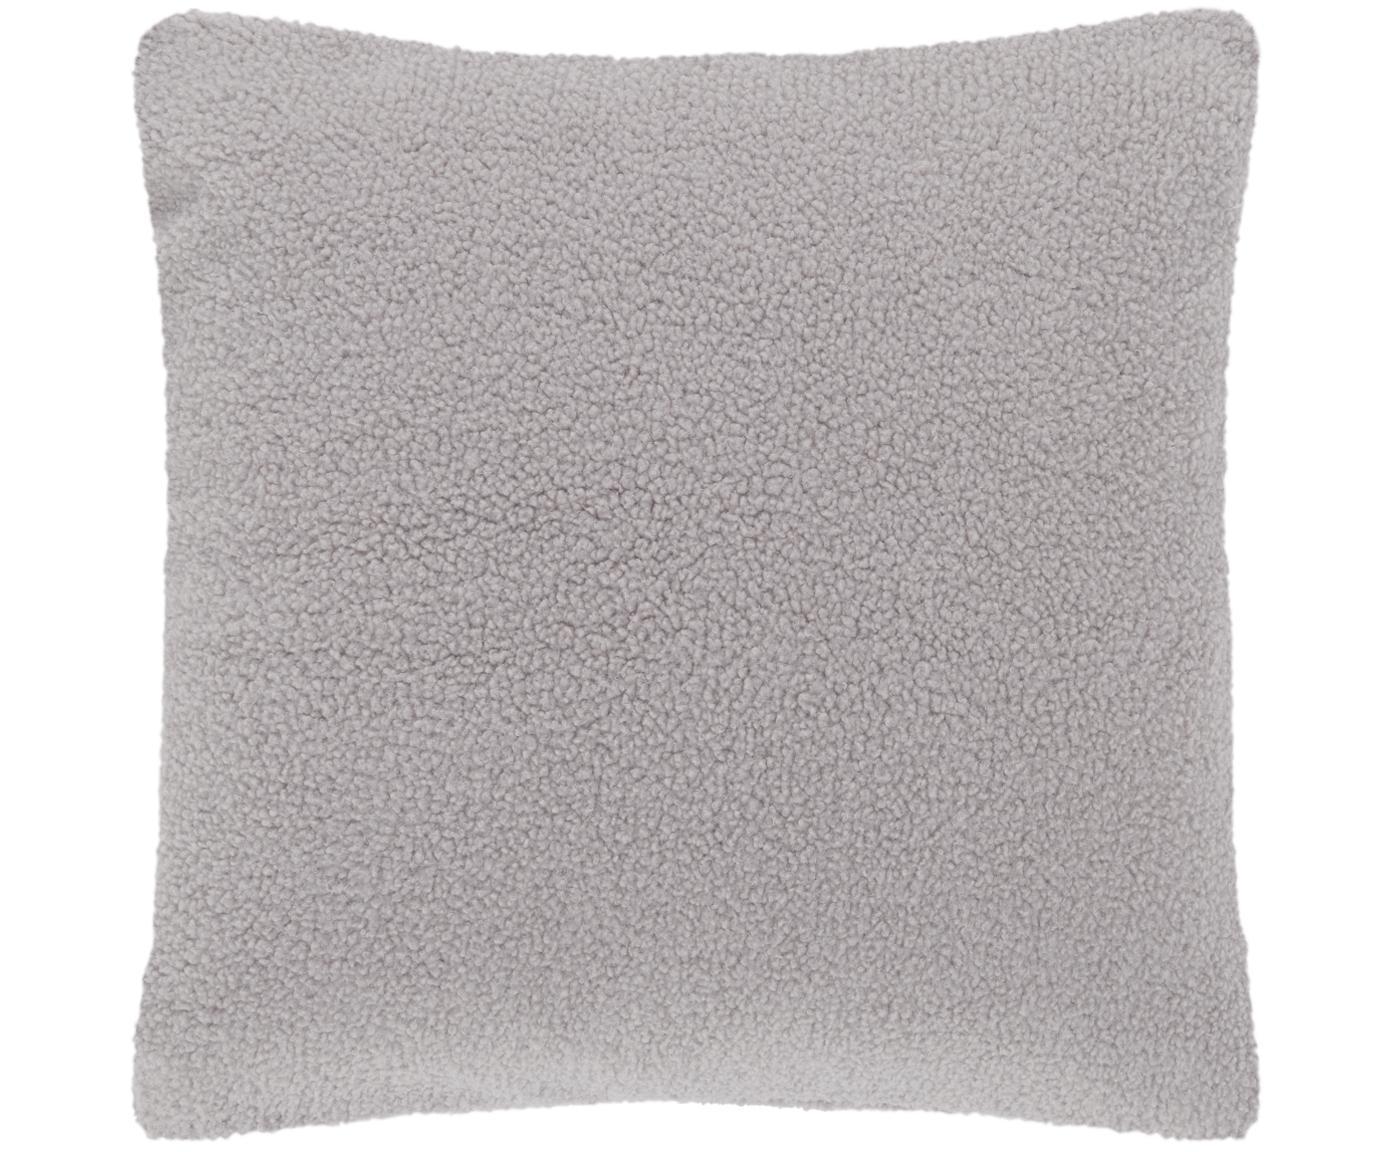 Flauschige Teddy-Kissenhülle Mille, Vorderseite: 100% Polyester (Teddyfell, Rückseite: 100% Polyester (Teddyfell, Hellgrau, 60 x 60 cm